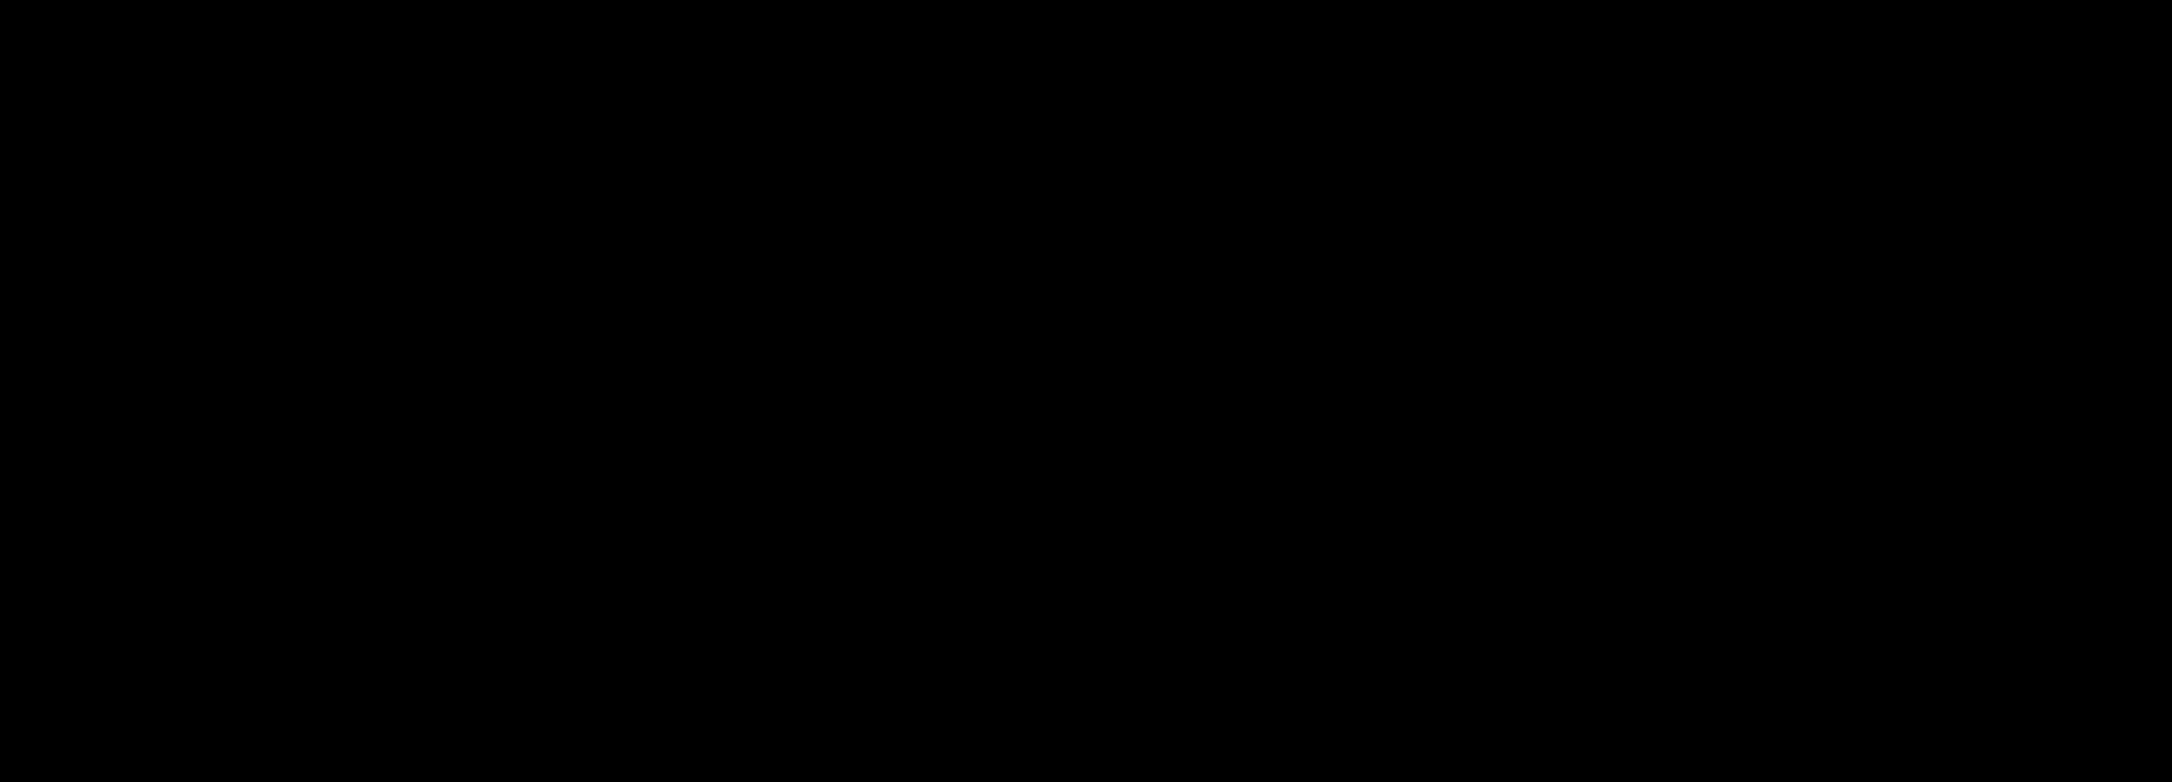 Boc-D-Lys(Biotin)-OH